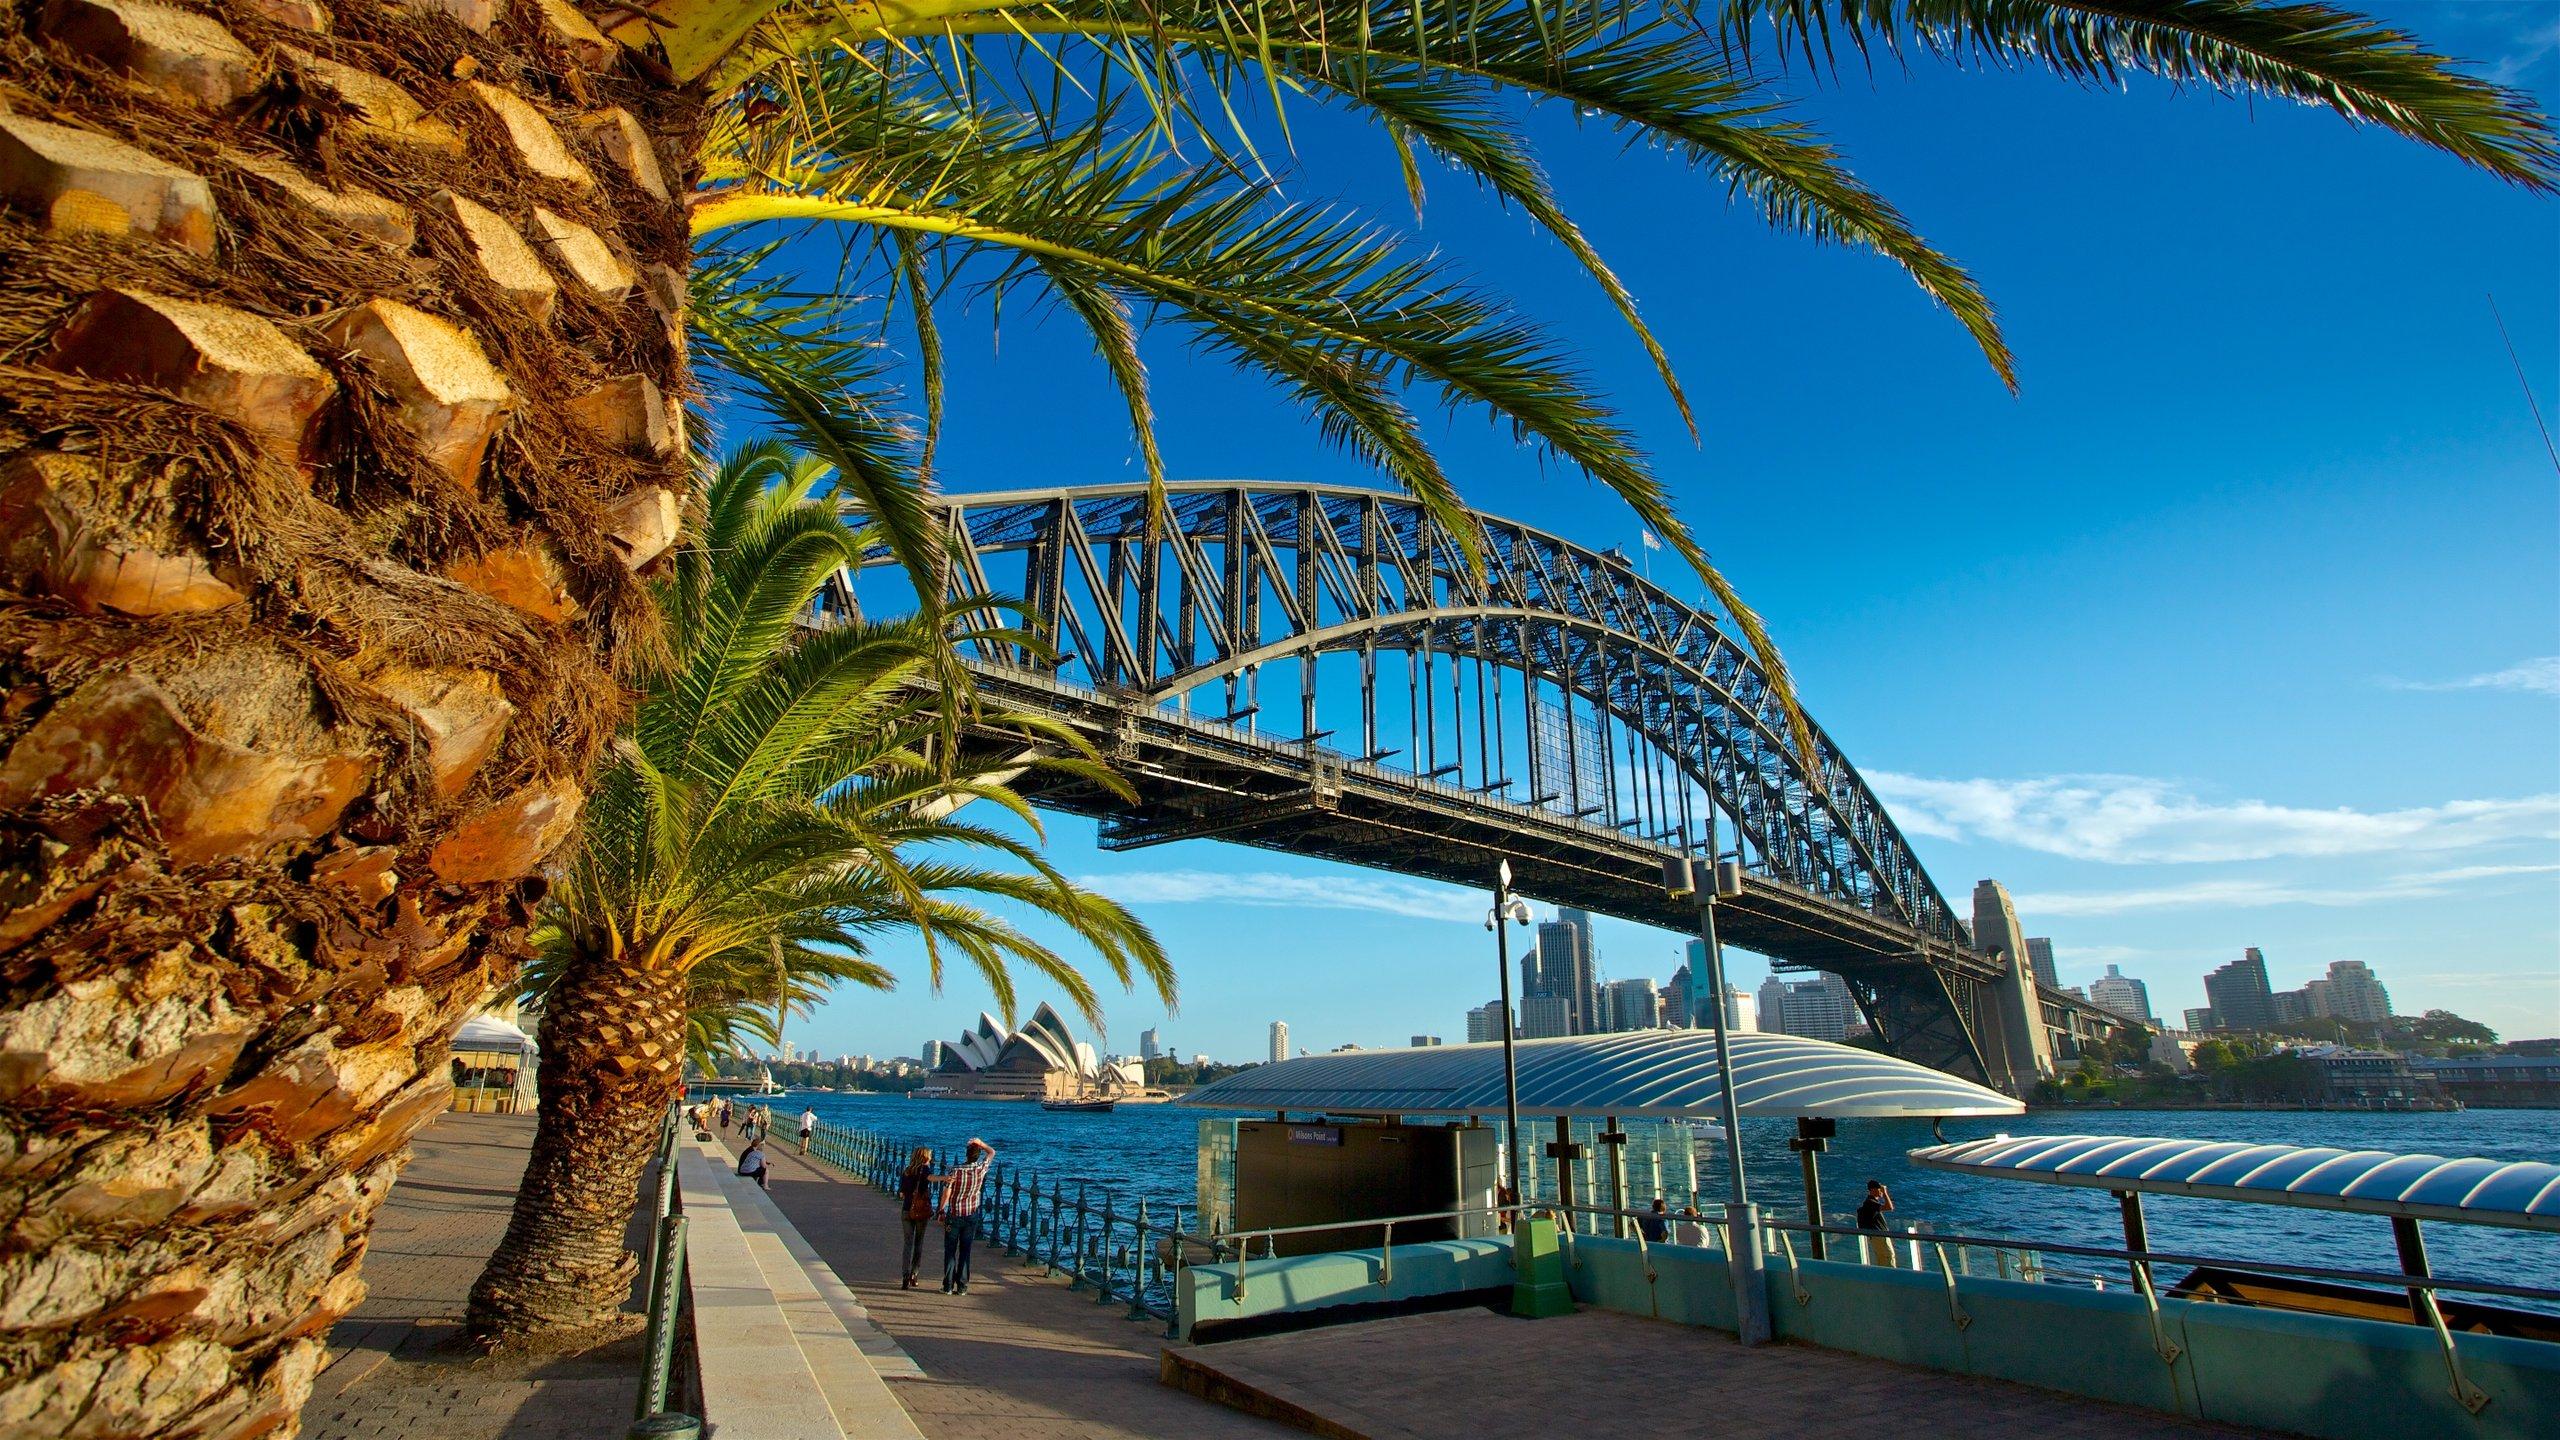 295091-Sydney-Harbour-Bridge.jpg (2560Ã?1440)